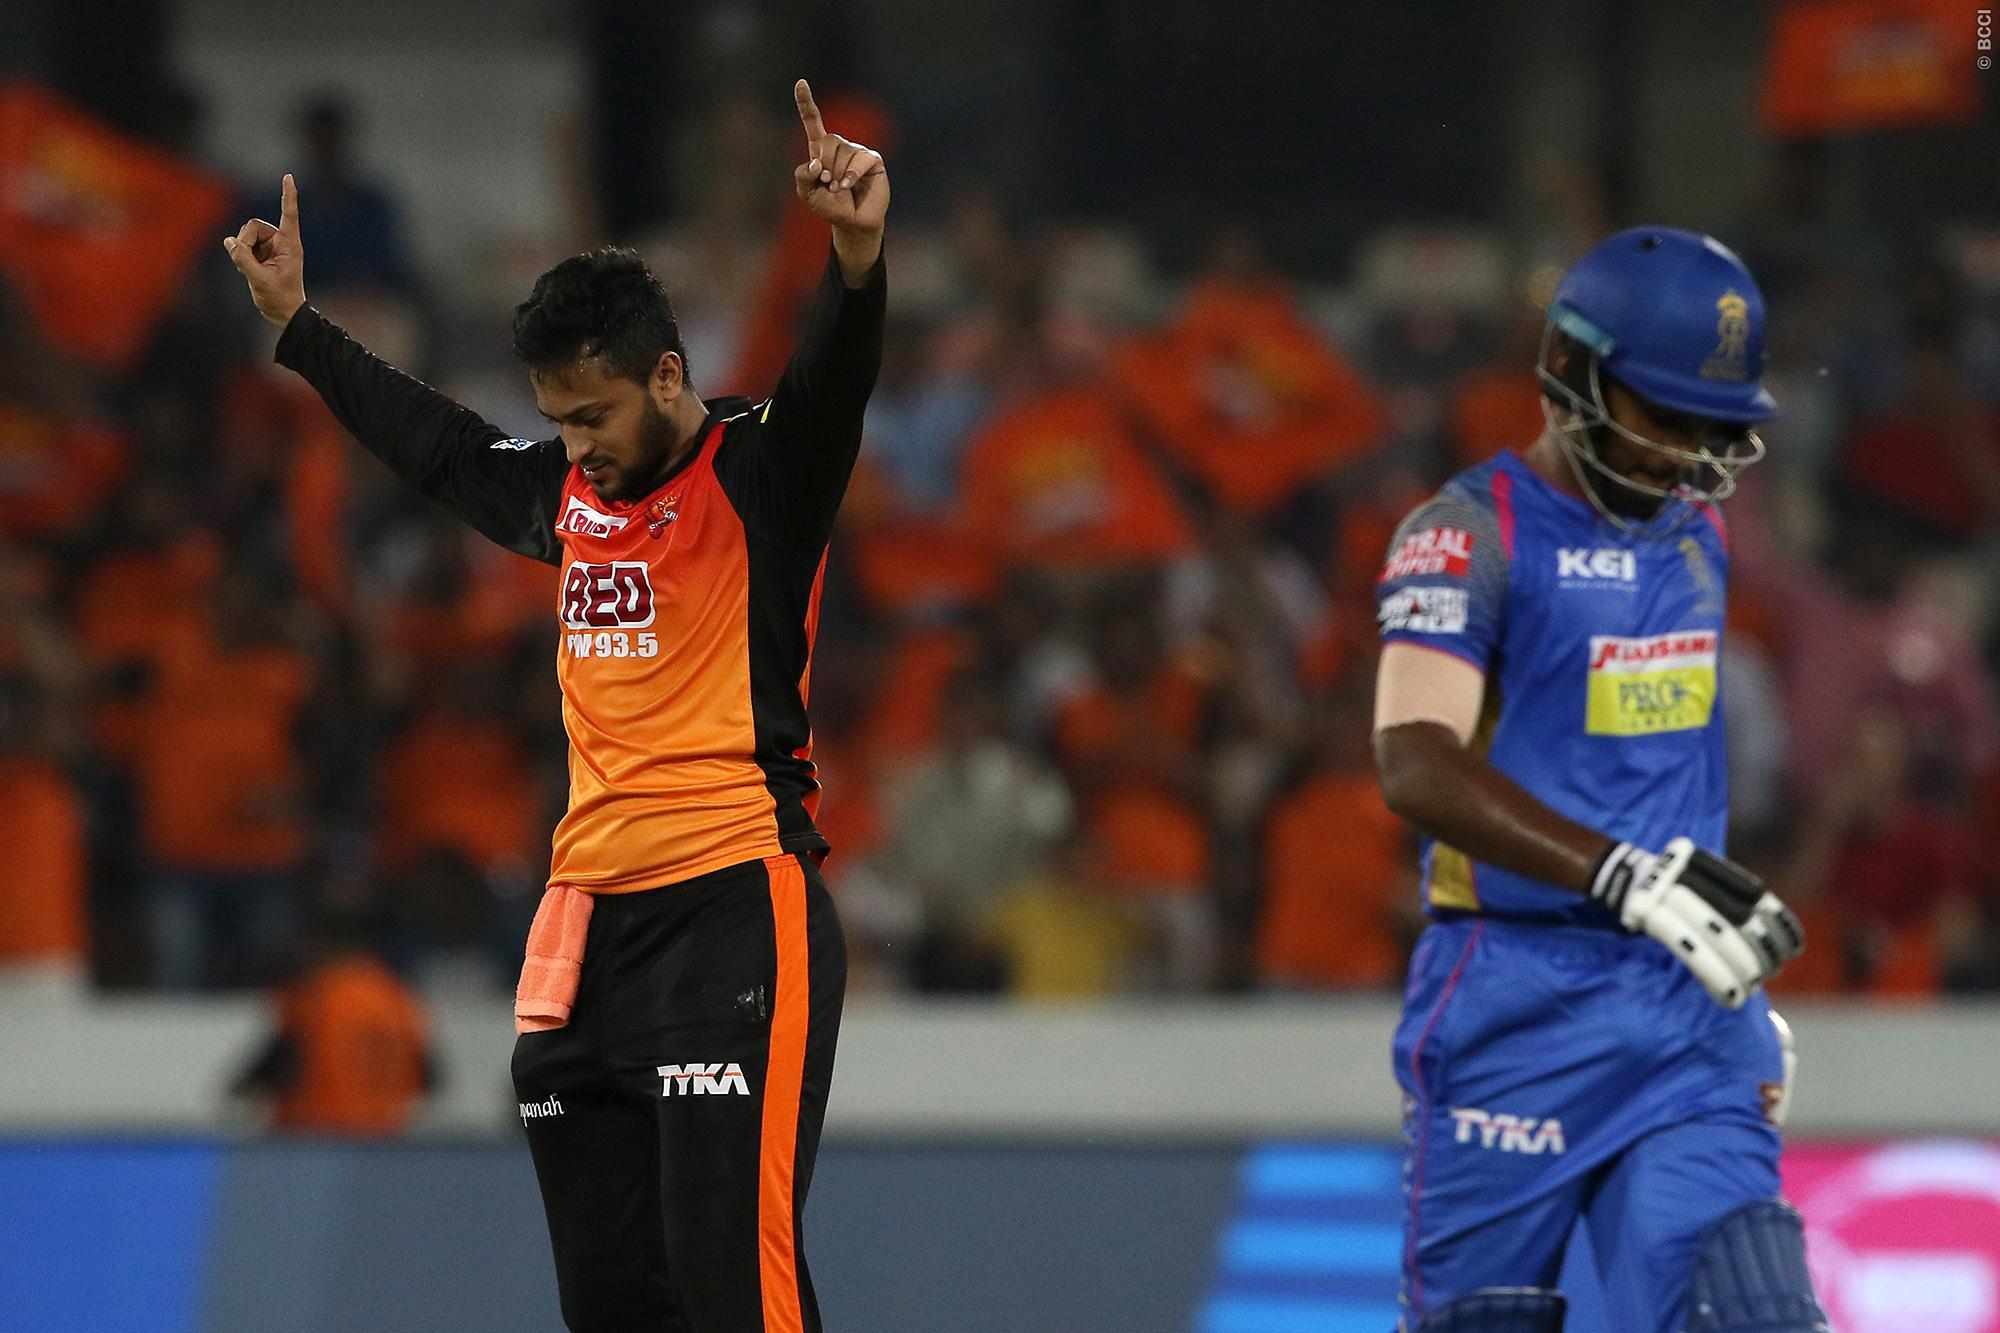 SRHvMI: 4 विकेट लेते ही एक अनोखा इतिहास रच देगे शाकिब अल हसन, आज तक नहीं कर सका कोई भारतीय गेंदबाज 1